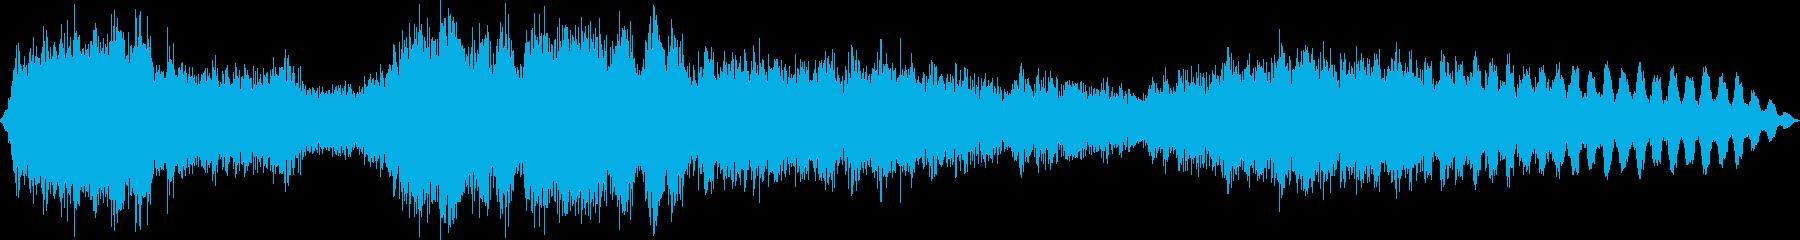 【ダークアンビエント】魔界の再生済みの波形